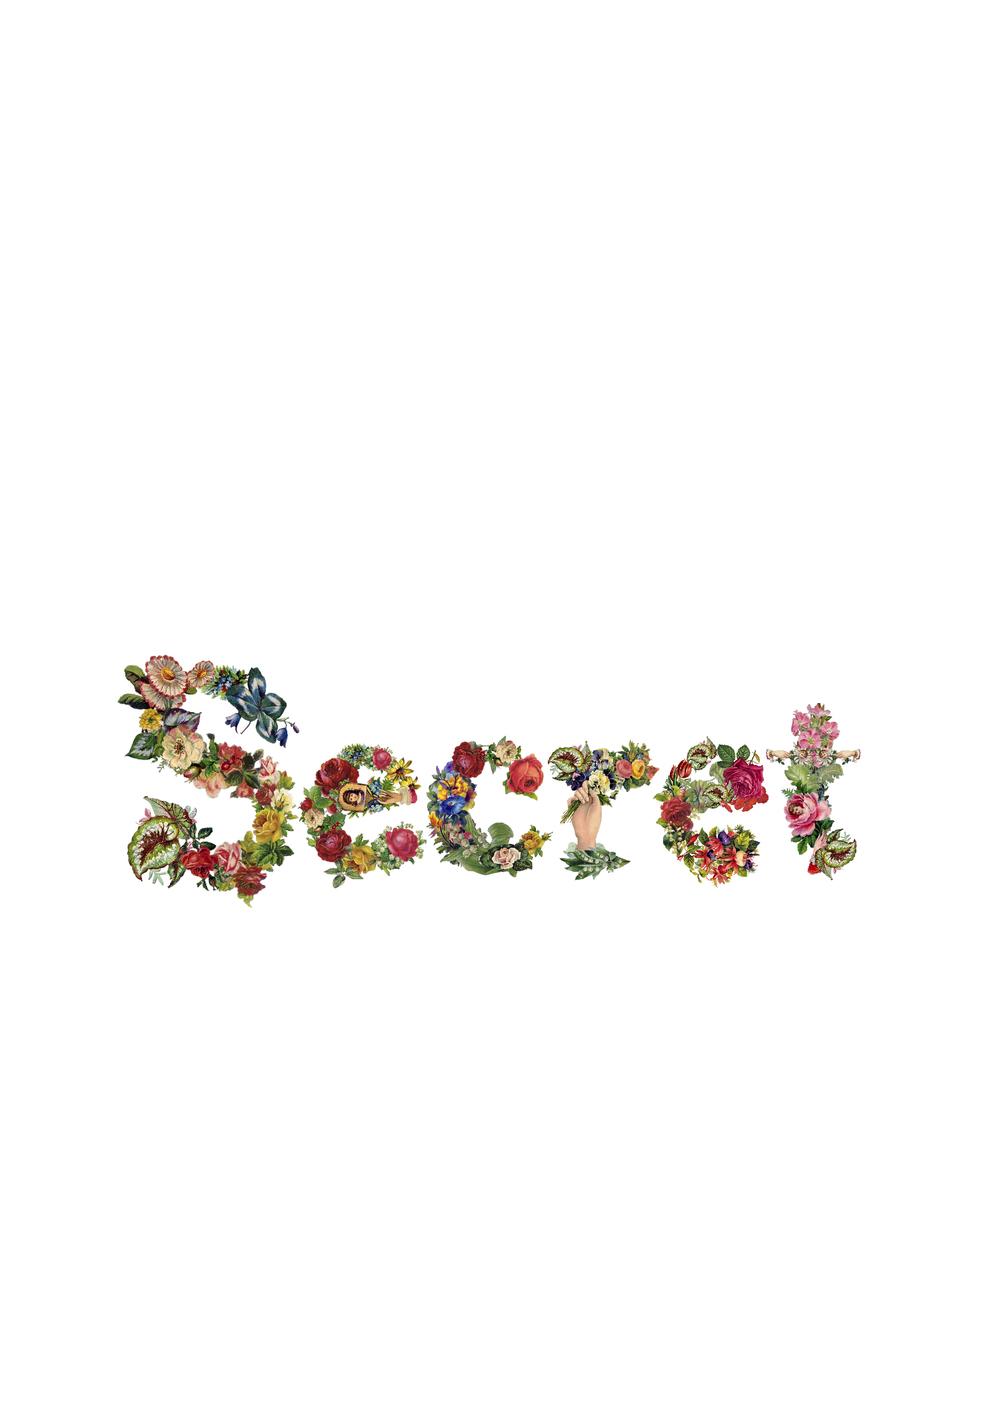 Flower Lettering